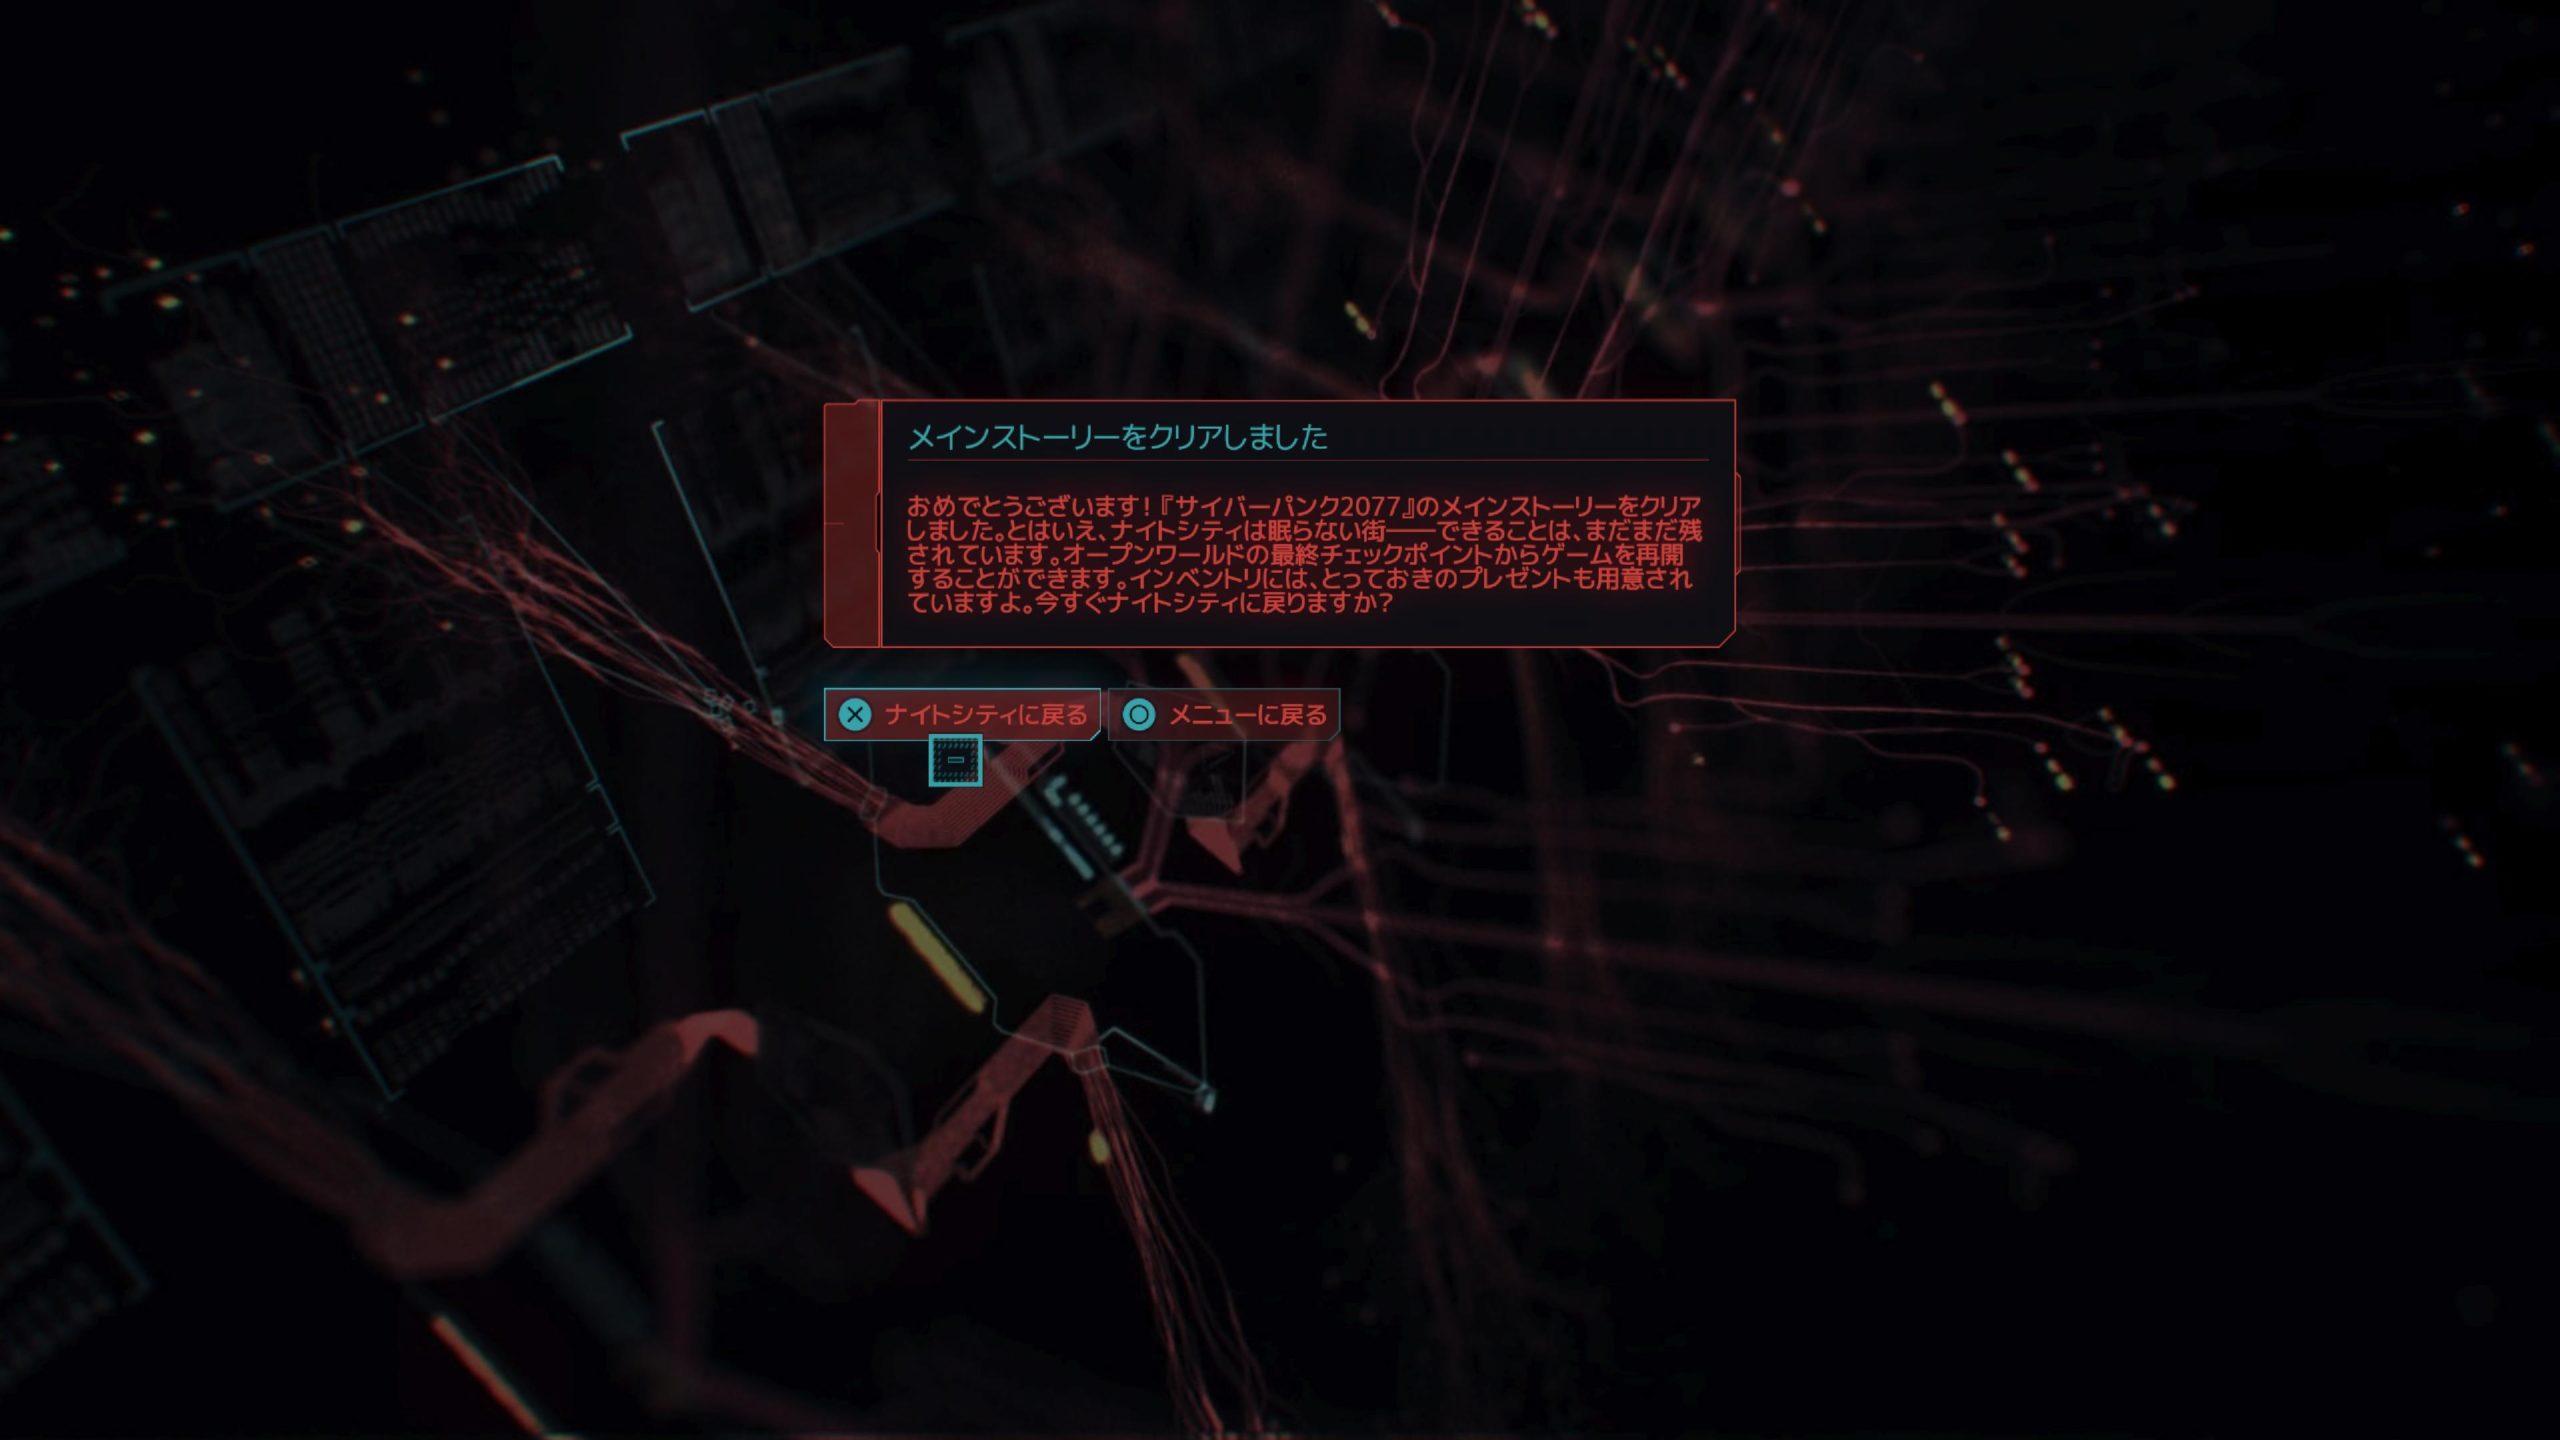 サイバーパンク エンディング 戻れない